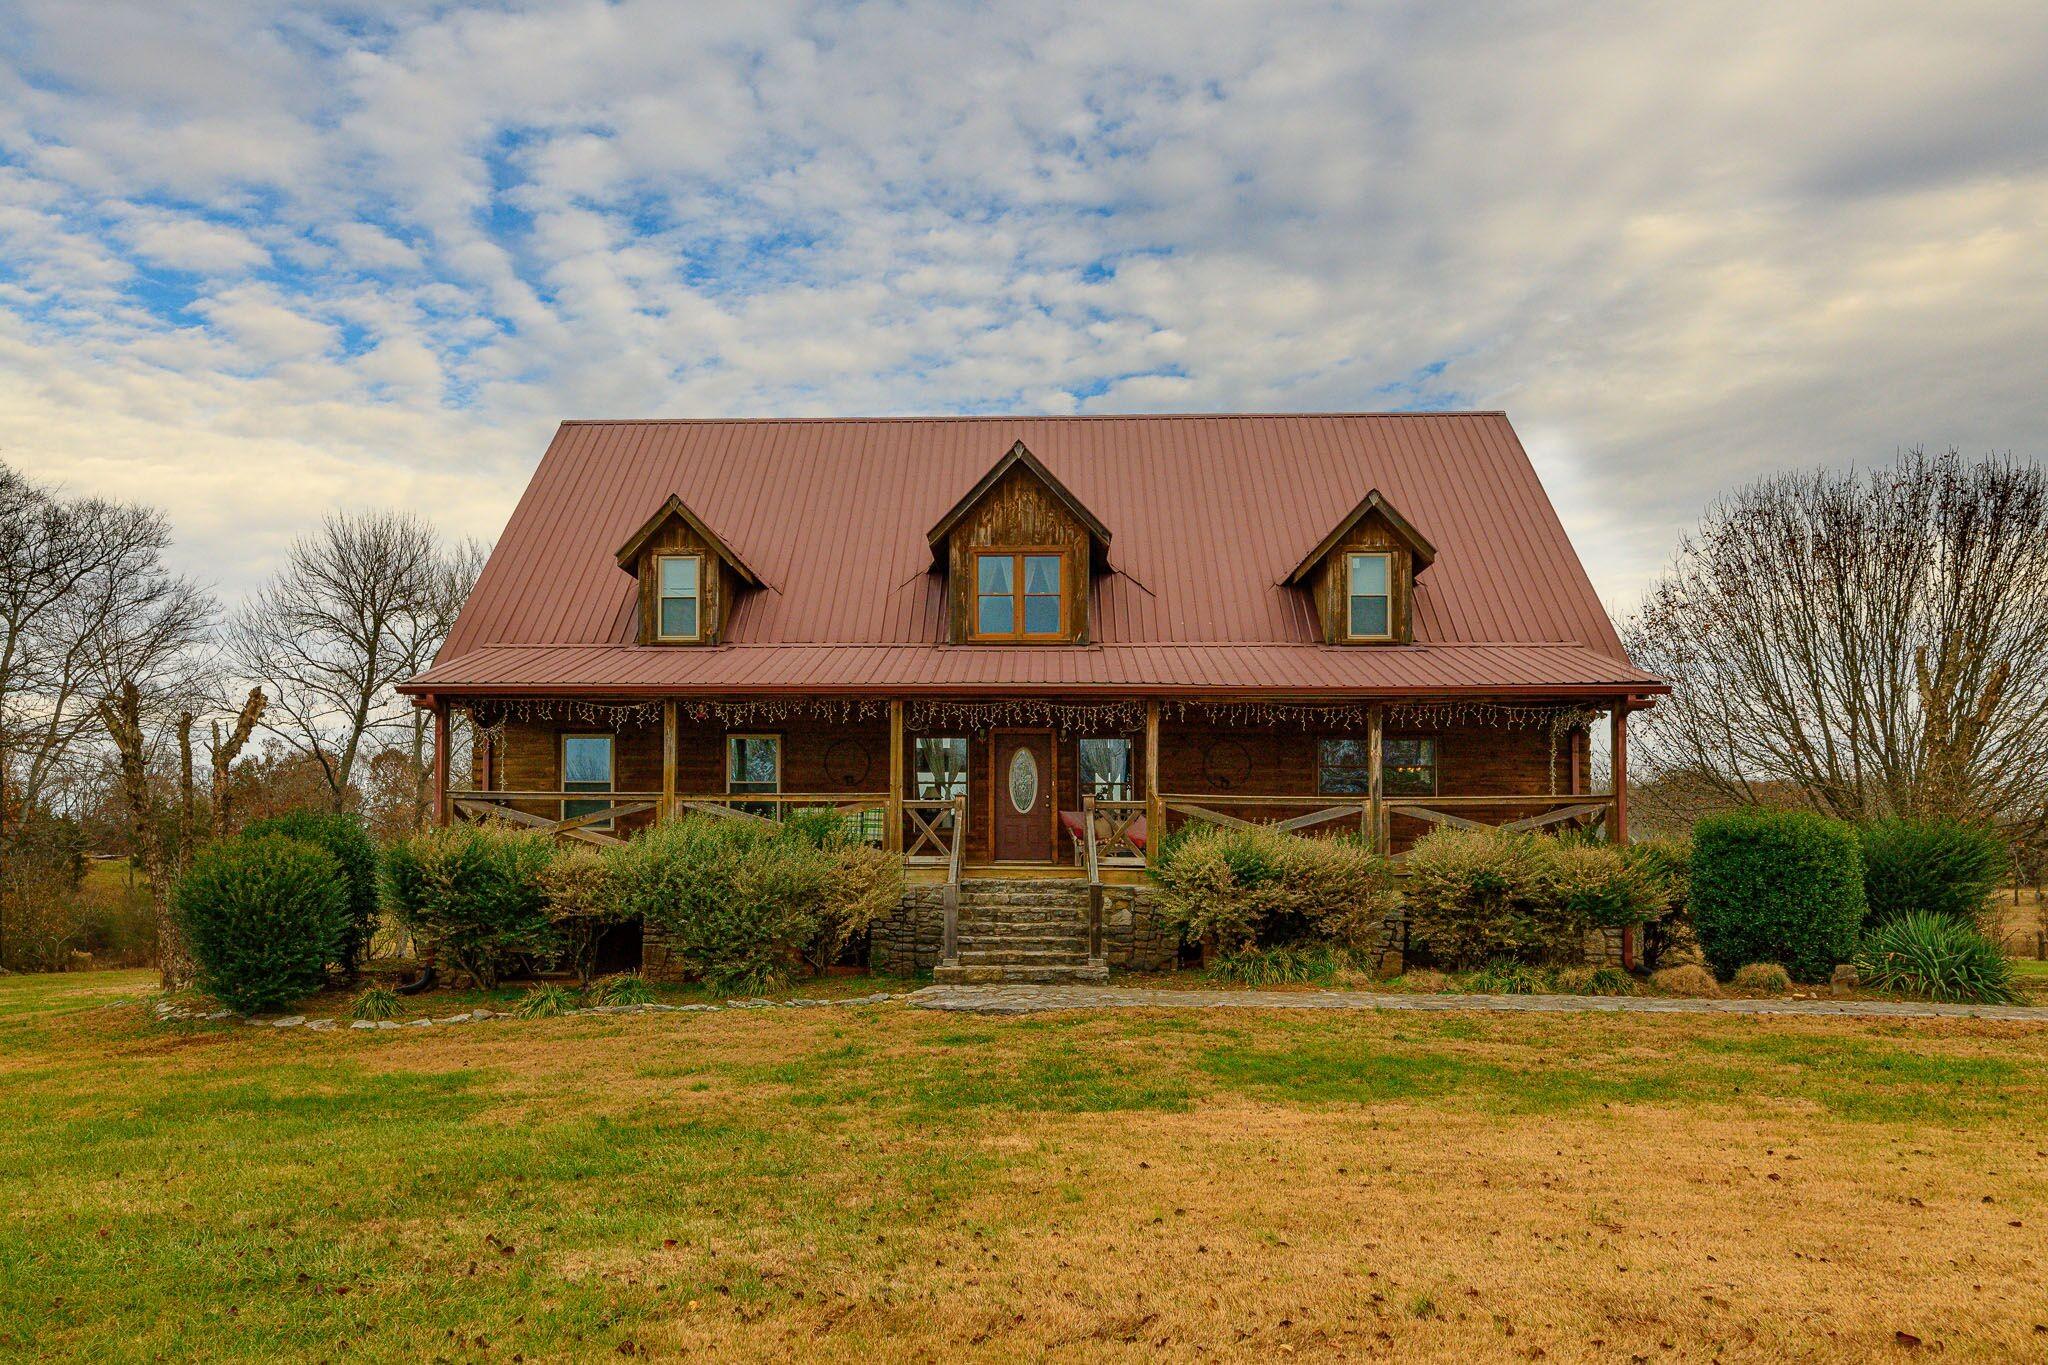 3770 Stewarts Ferry Pike, Mount Juliet, TN 37122 - Mount Juliet, TN real estate listing